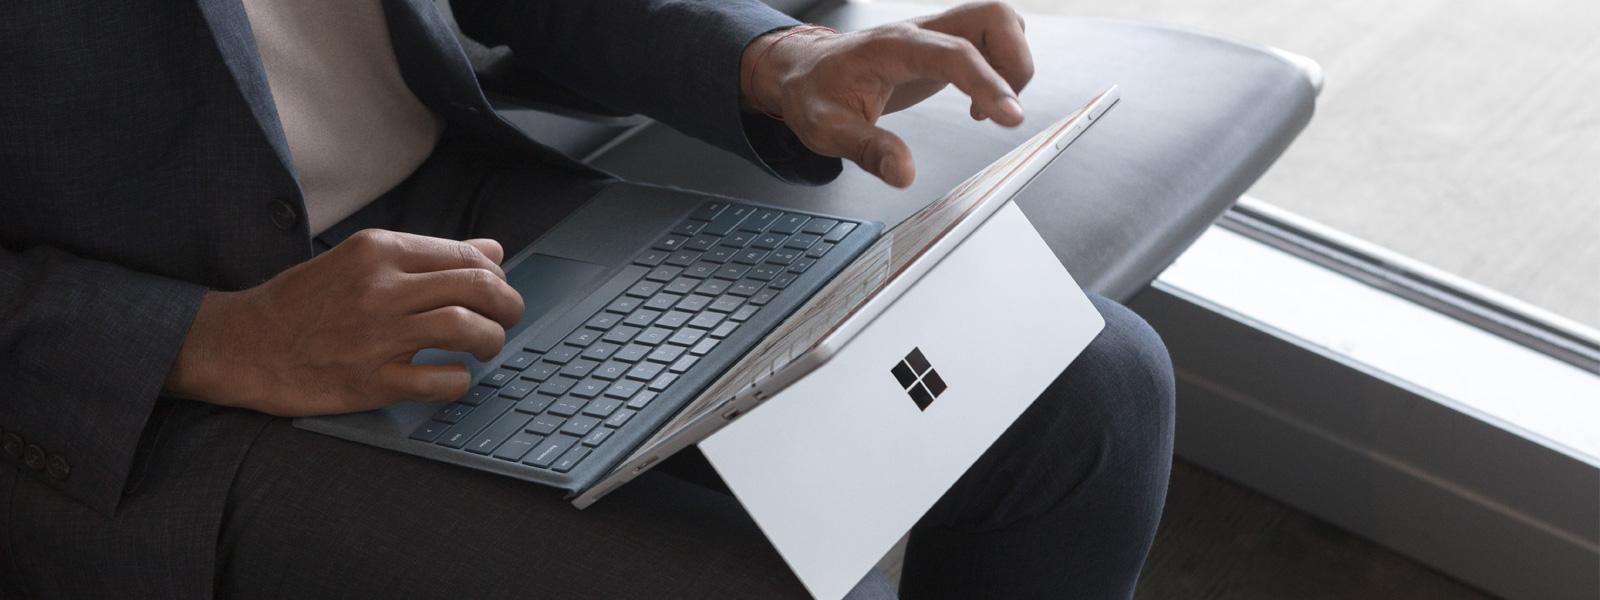 カフェのセットでキーボードを下に畳み込んだ Surface Book 2 を使用している二名の女性。